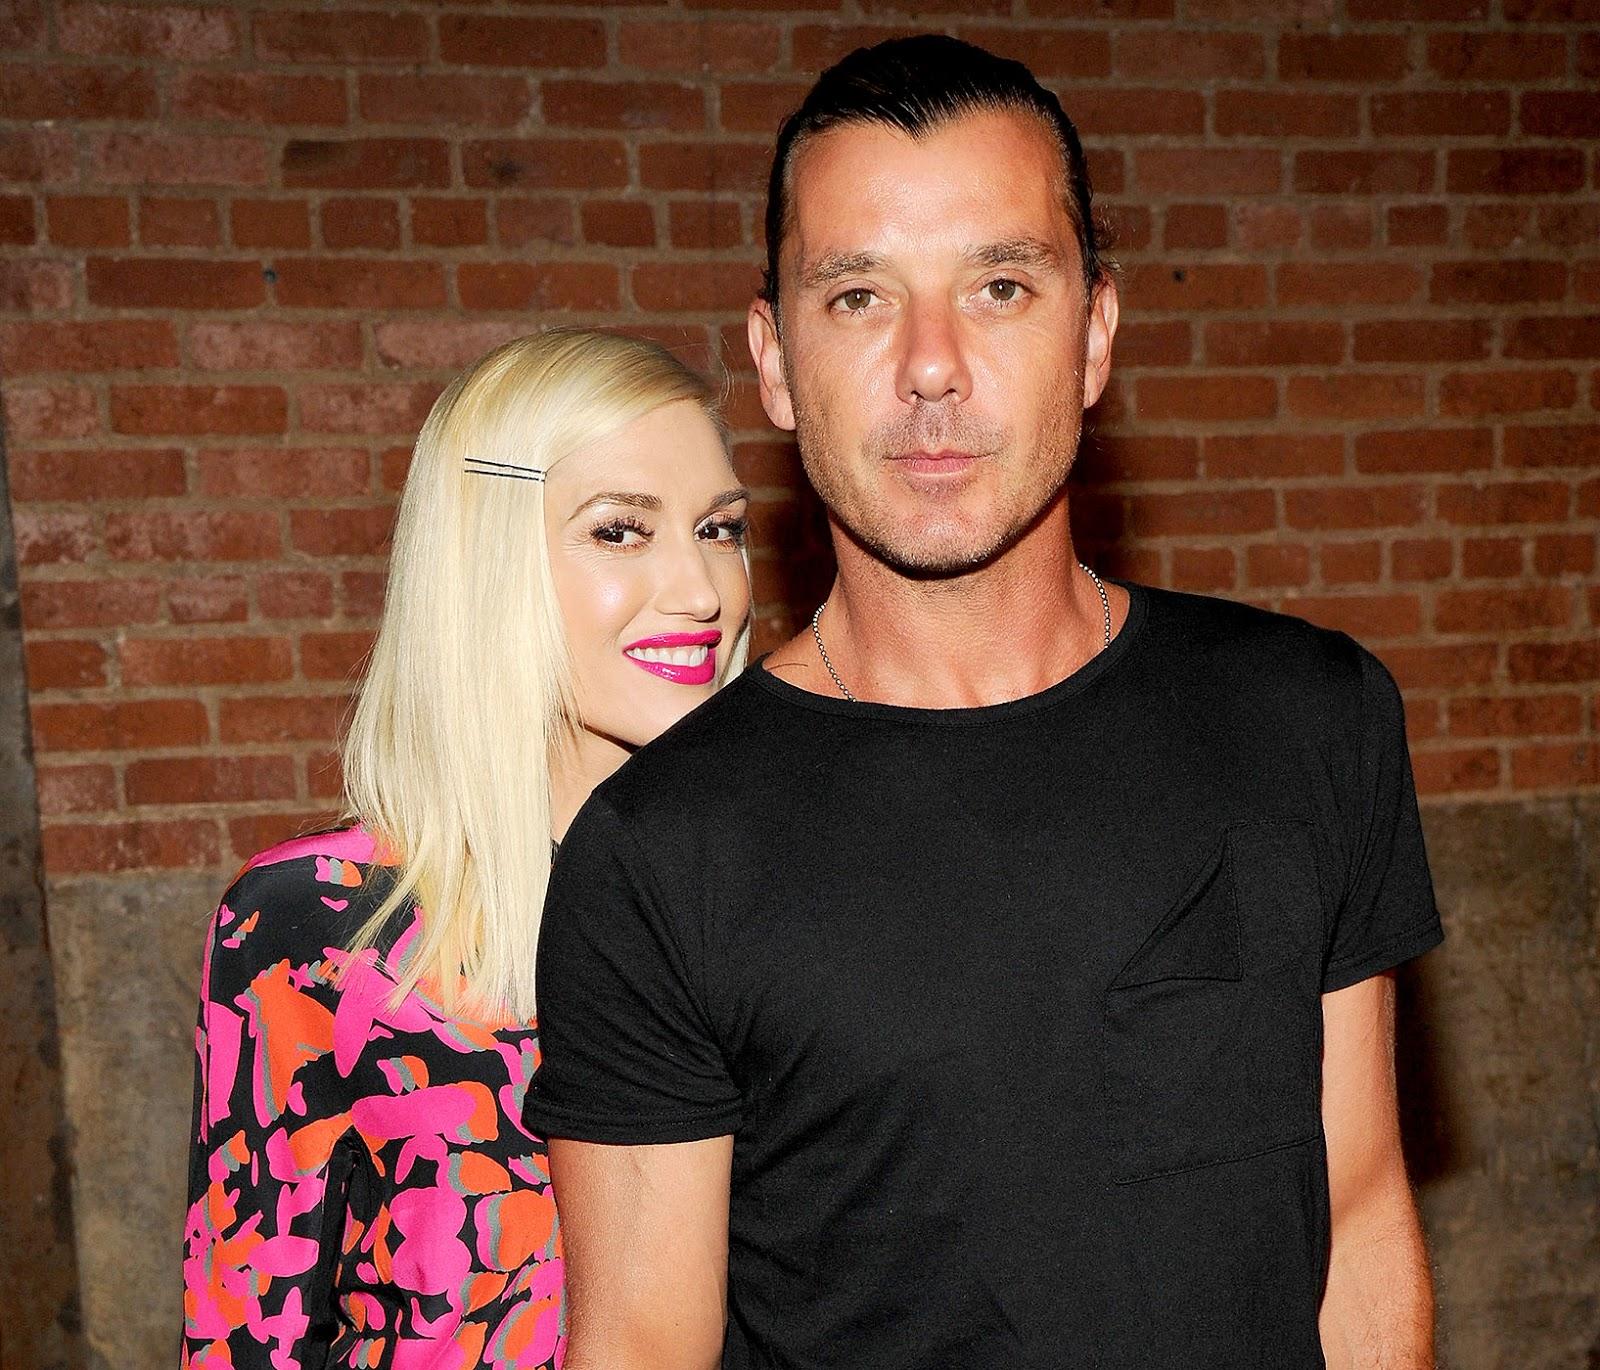 Gwen stefani dating gavin rossdale boyfriend